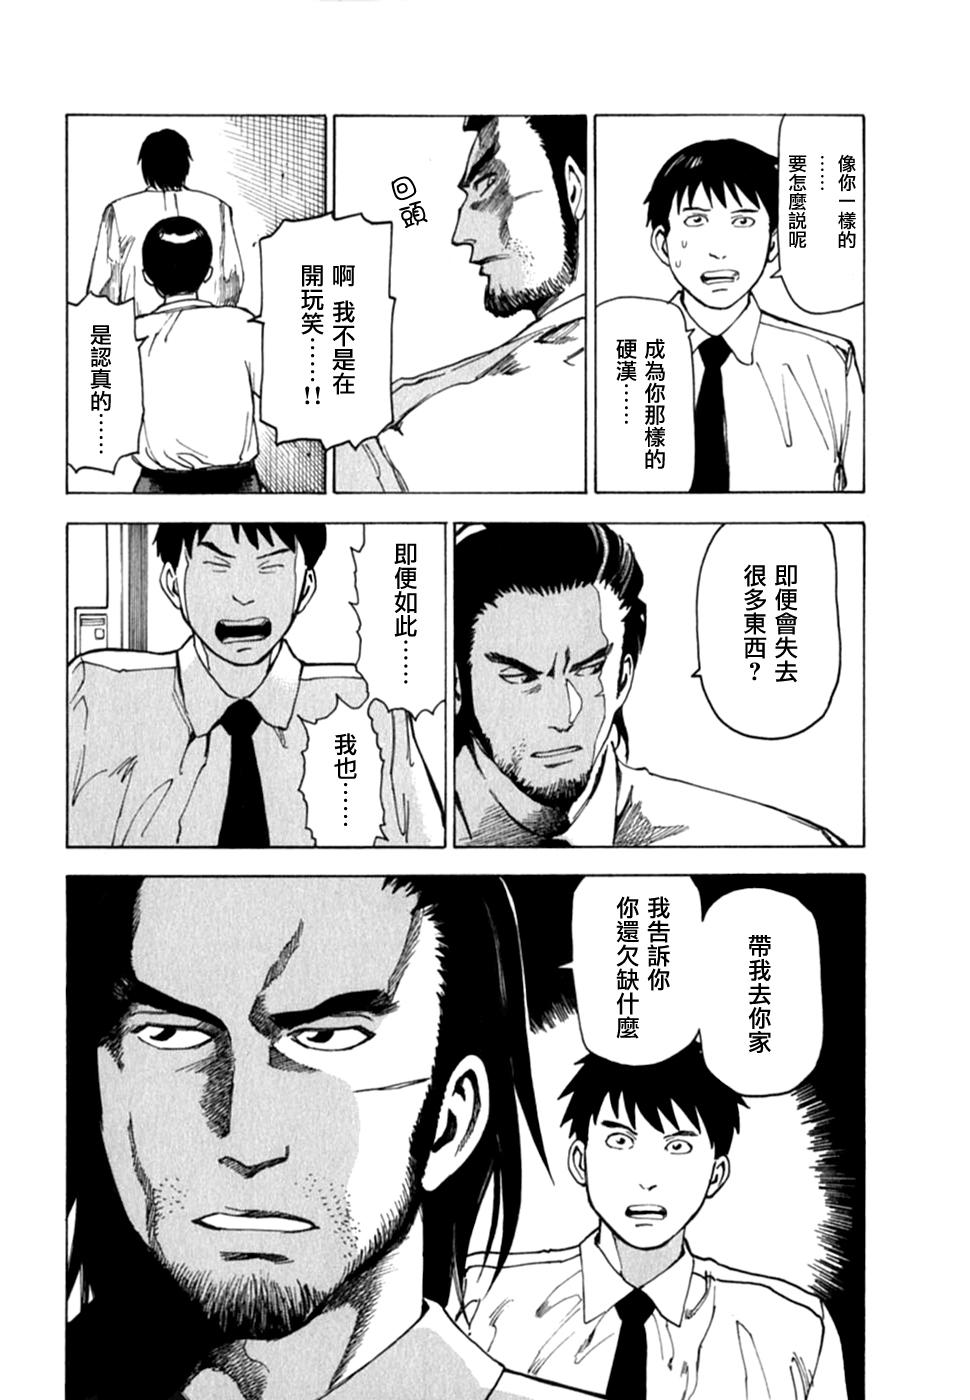 正规侦探公司_福州正规侦探公司_找正规侦探公司